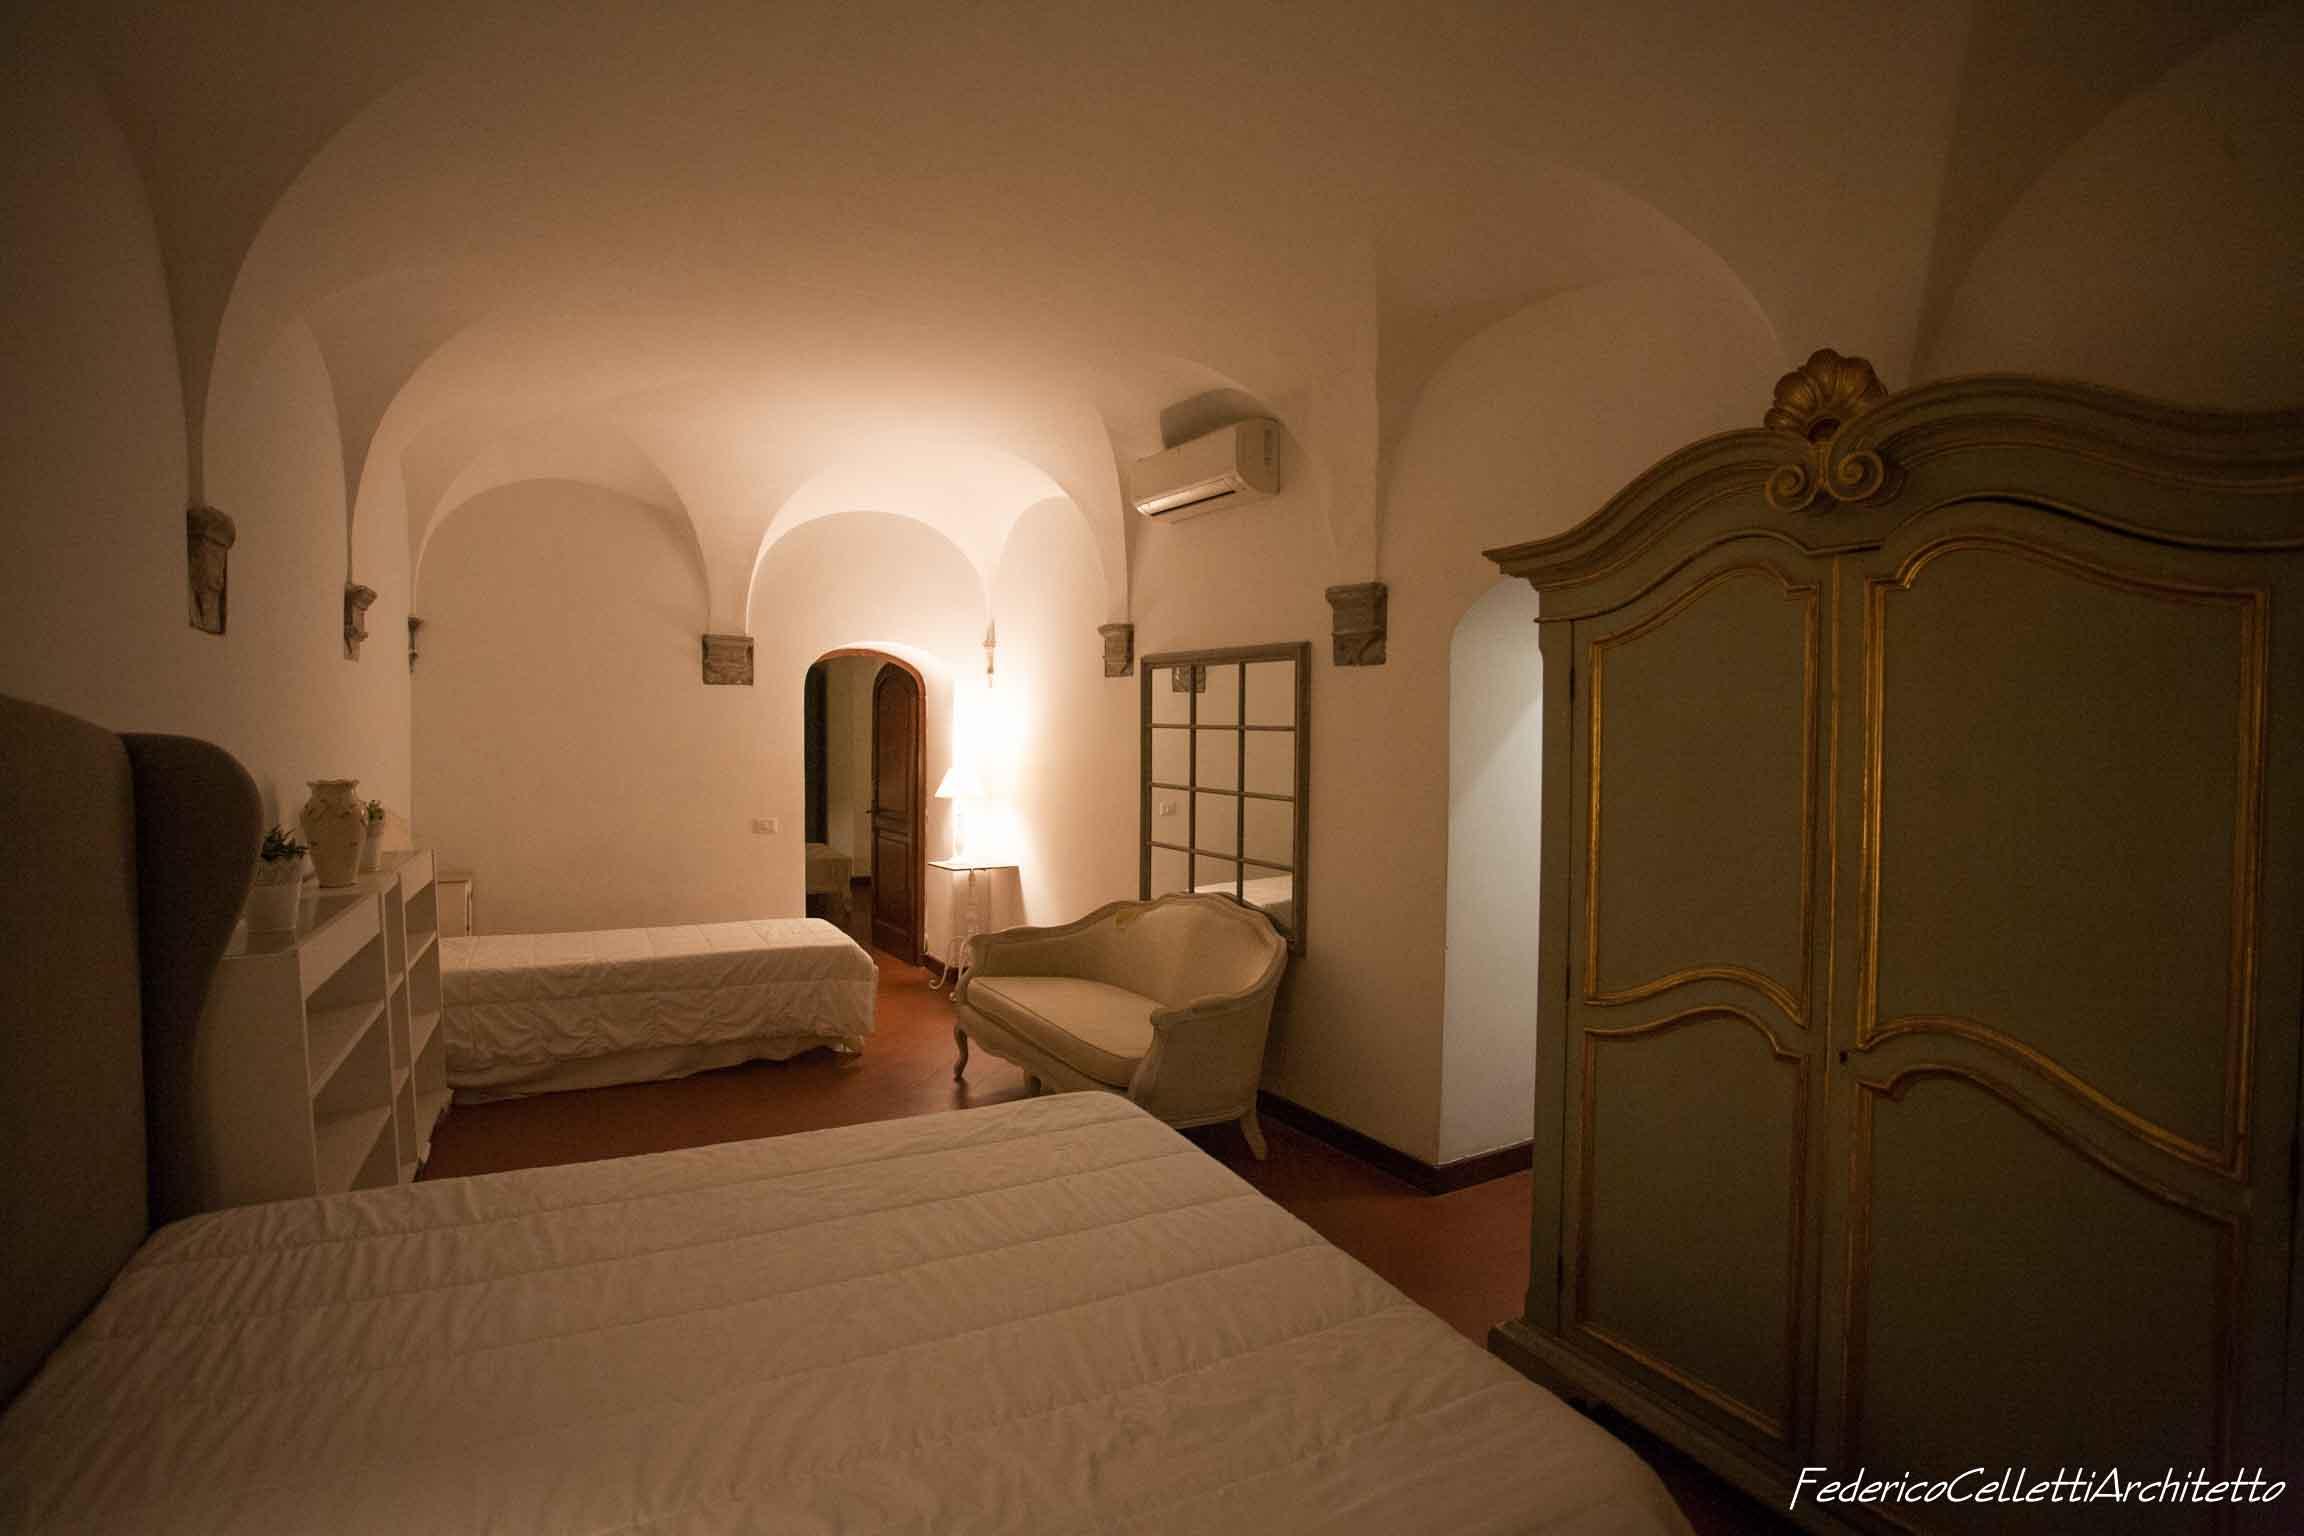 Specchiature Camera da letto Montegiordano 13 Prima dei lavori di Restauro e Interior Design